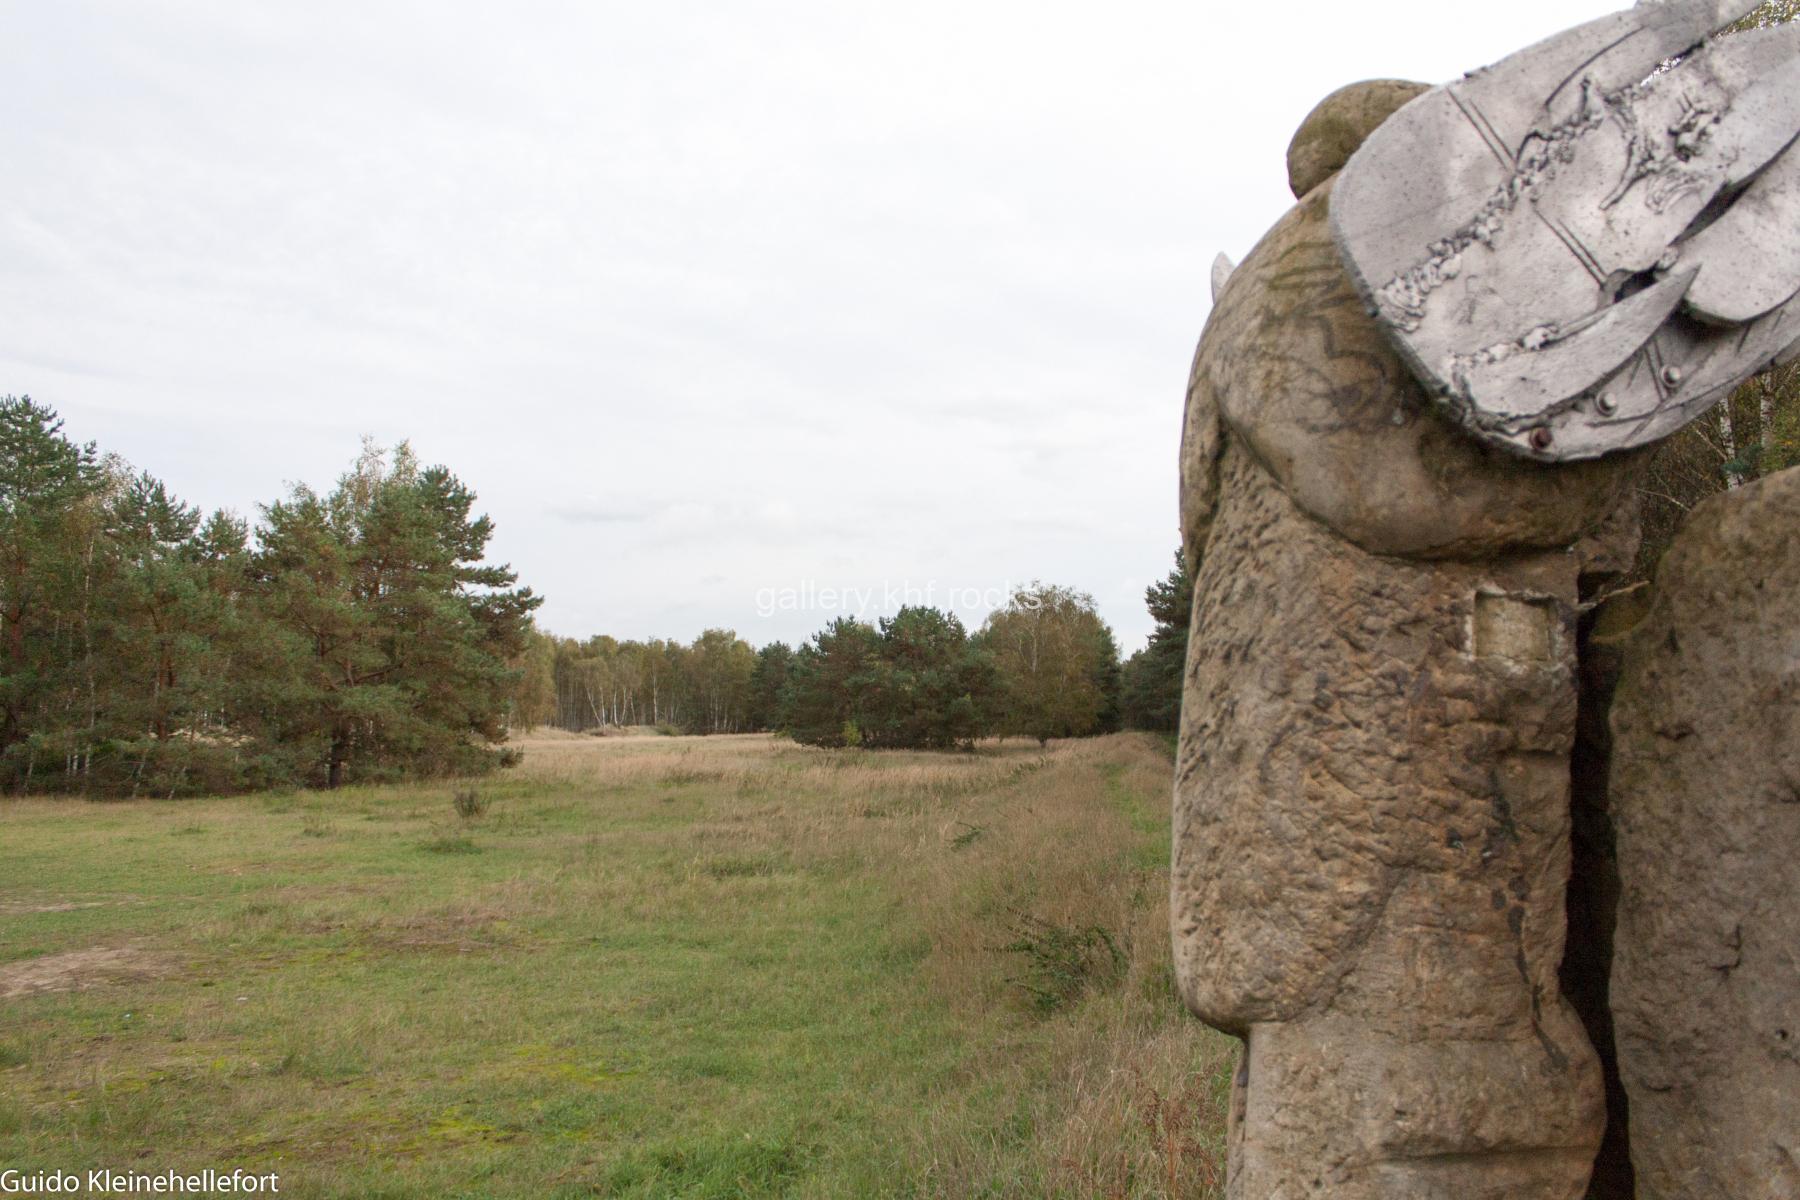 Kulturpfad 'Steine ohne Grenzen'